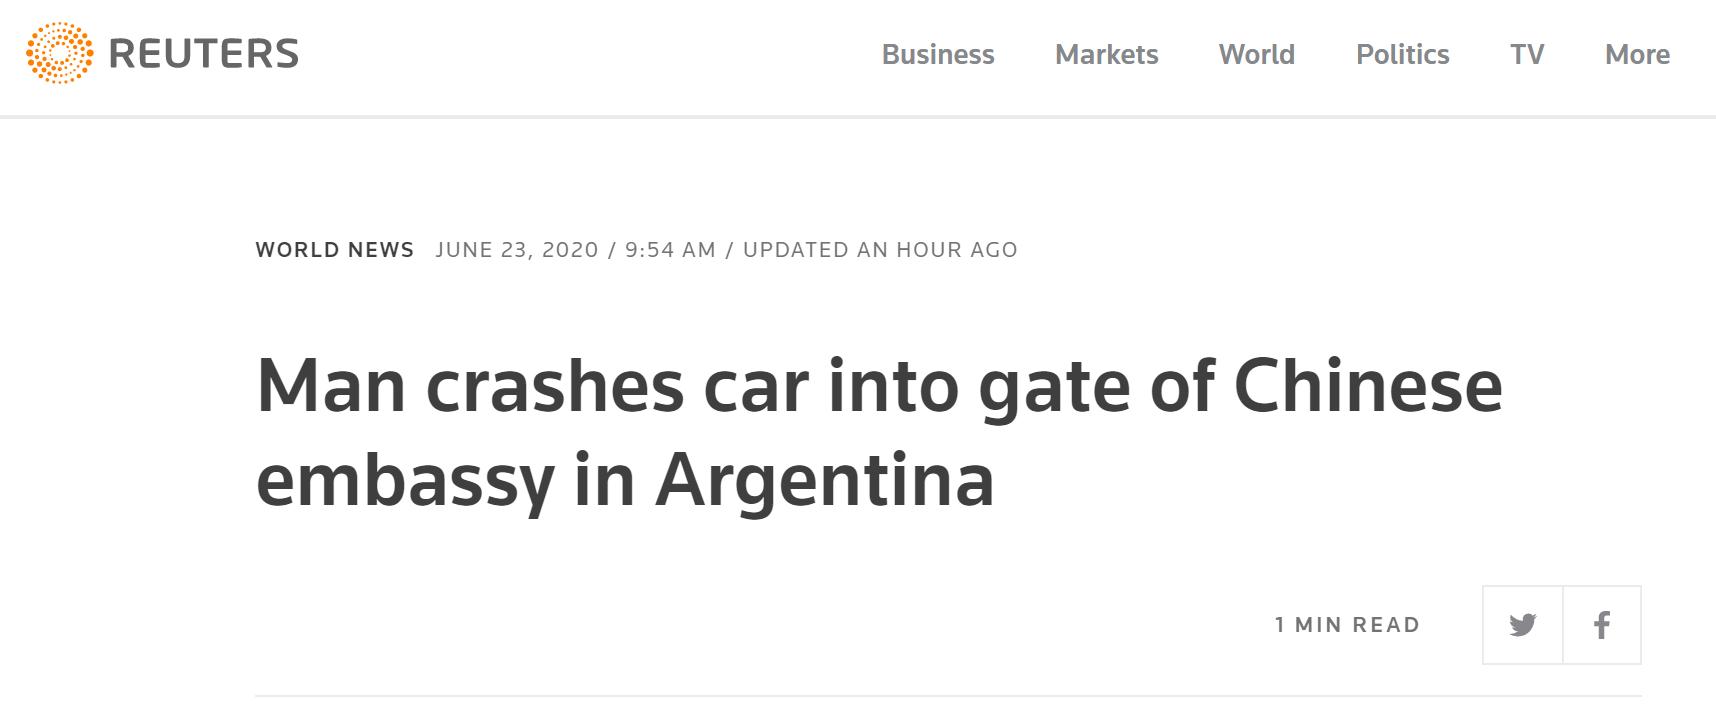 股票配资驾车撞中国驻阿根廷大使股票配资图片